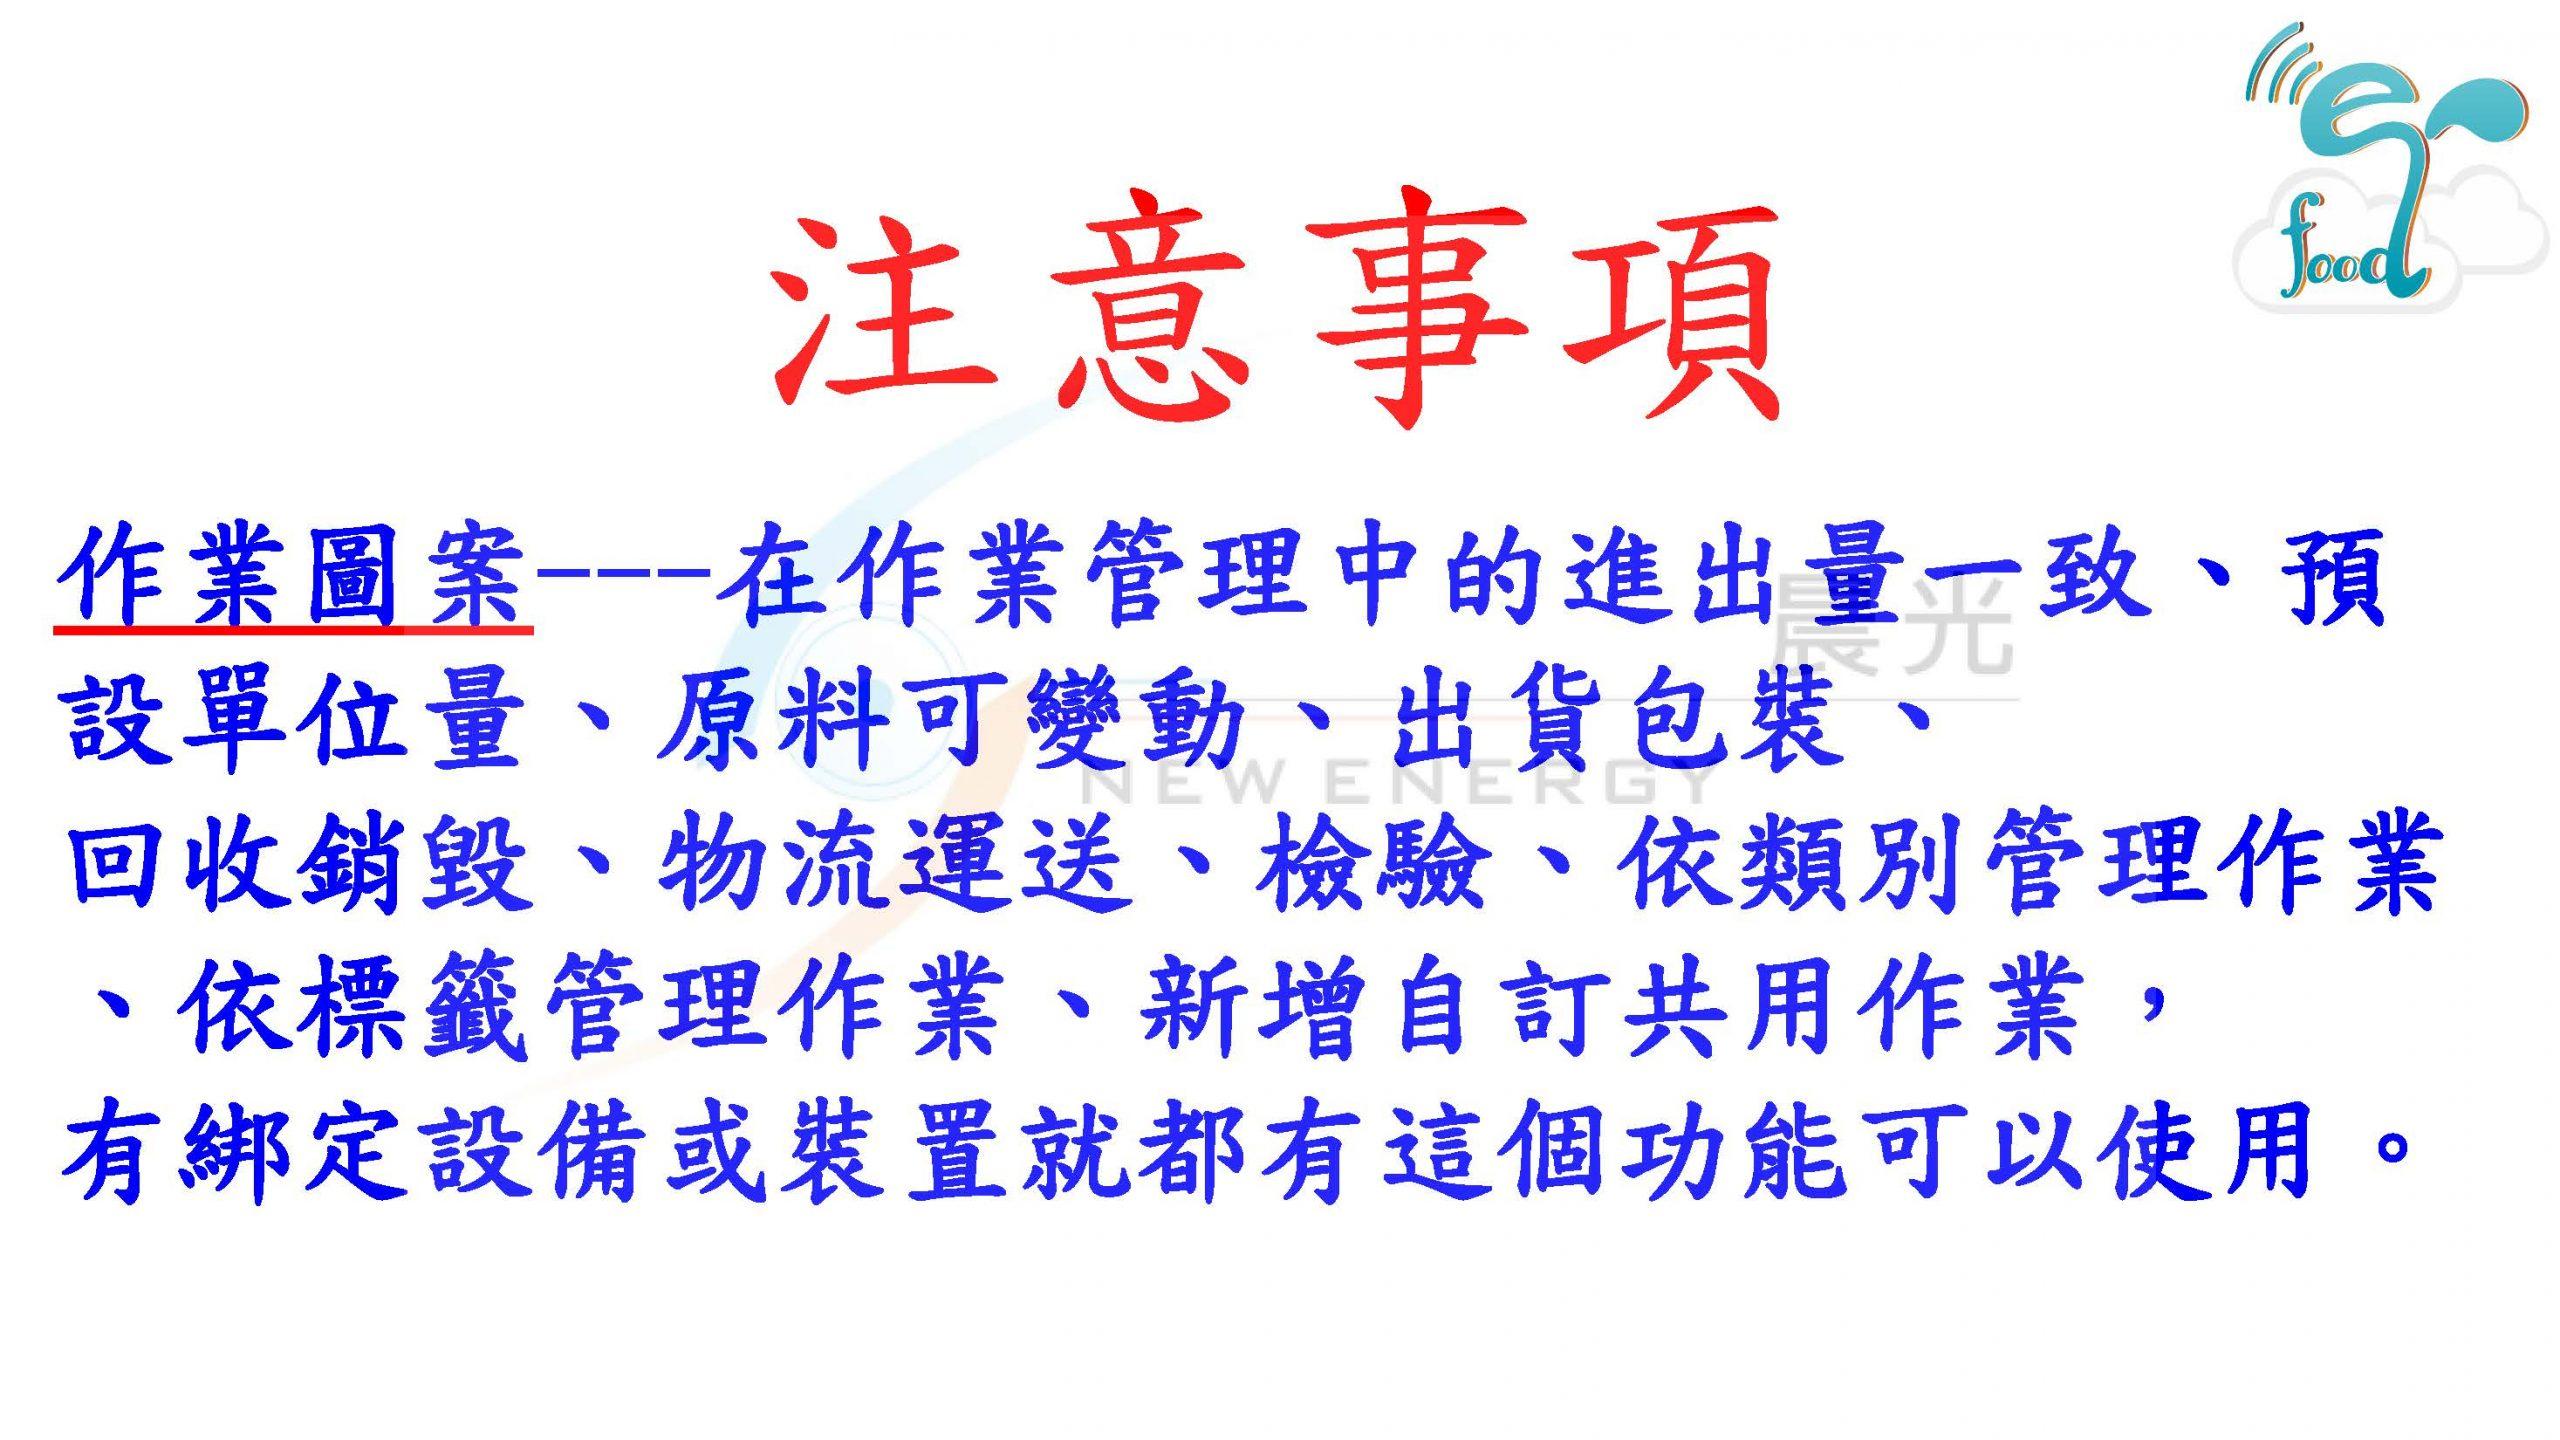 真食呈現,作業管理,進出量一致,預設單位量,原料可變動,出貨包裝,回收銷毀,檢驗(檢驗身份),物流運送(物流身份),作業圖案,單純作業圖案,作業顯示攝影機圖案,作業顯示IOT(物聯網)圖案,作業顯示列表機圖案